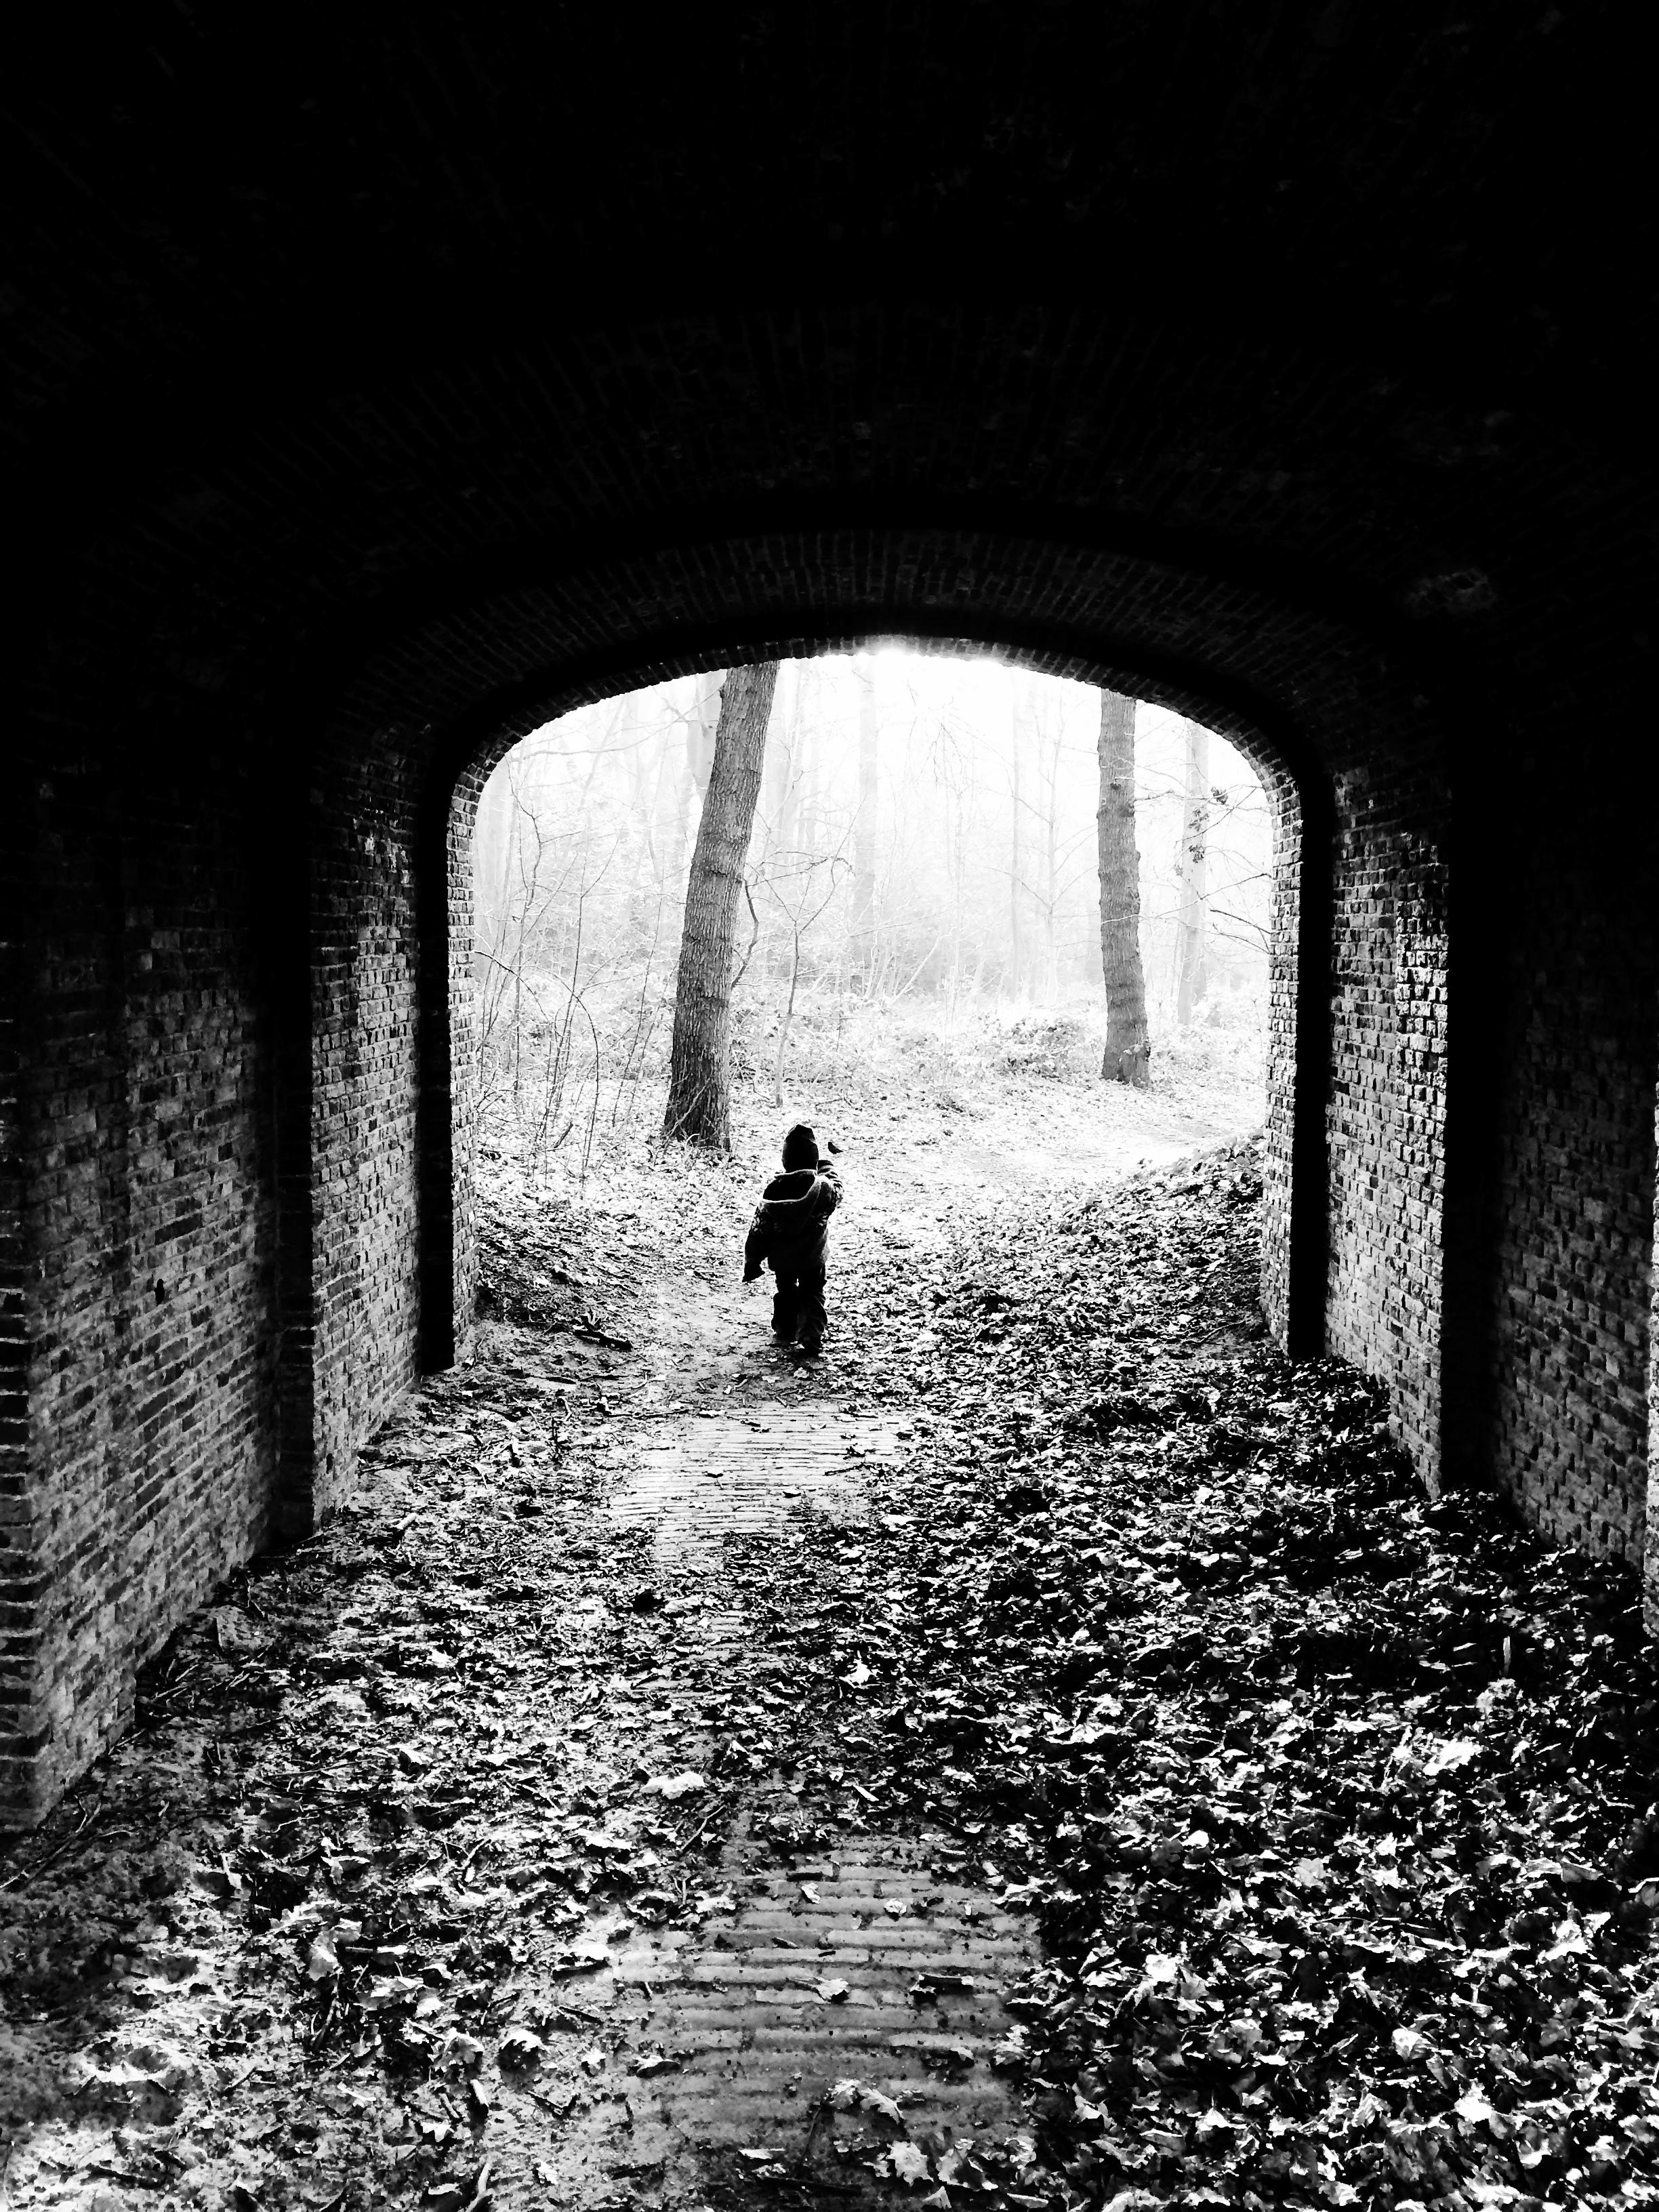 Child walking under bridge in forest photo